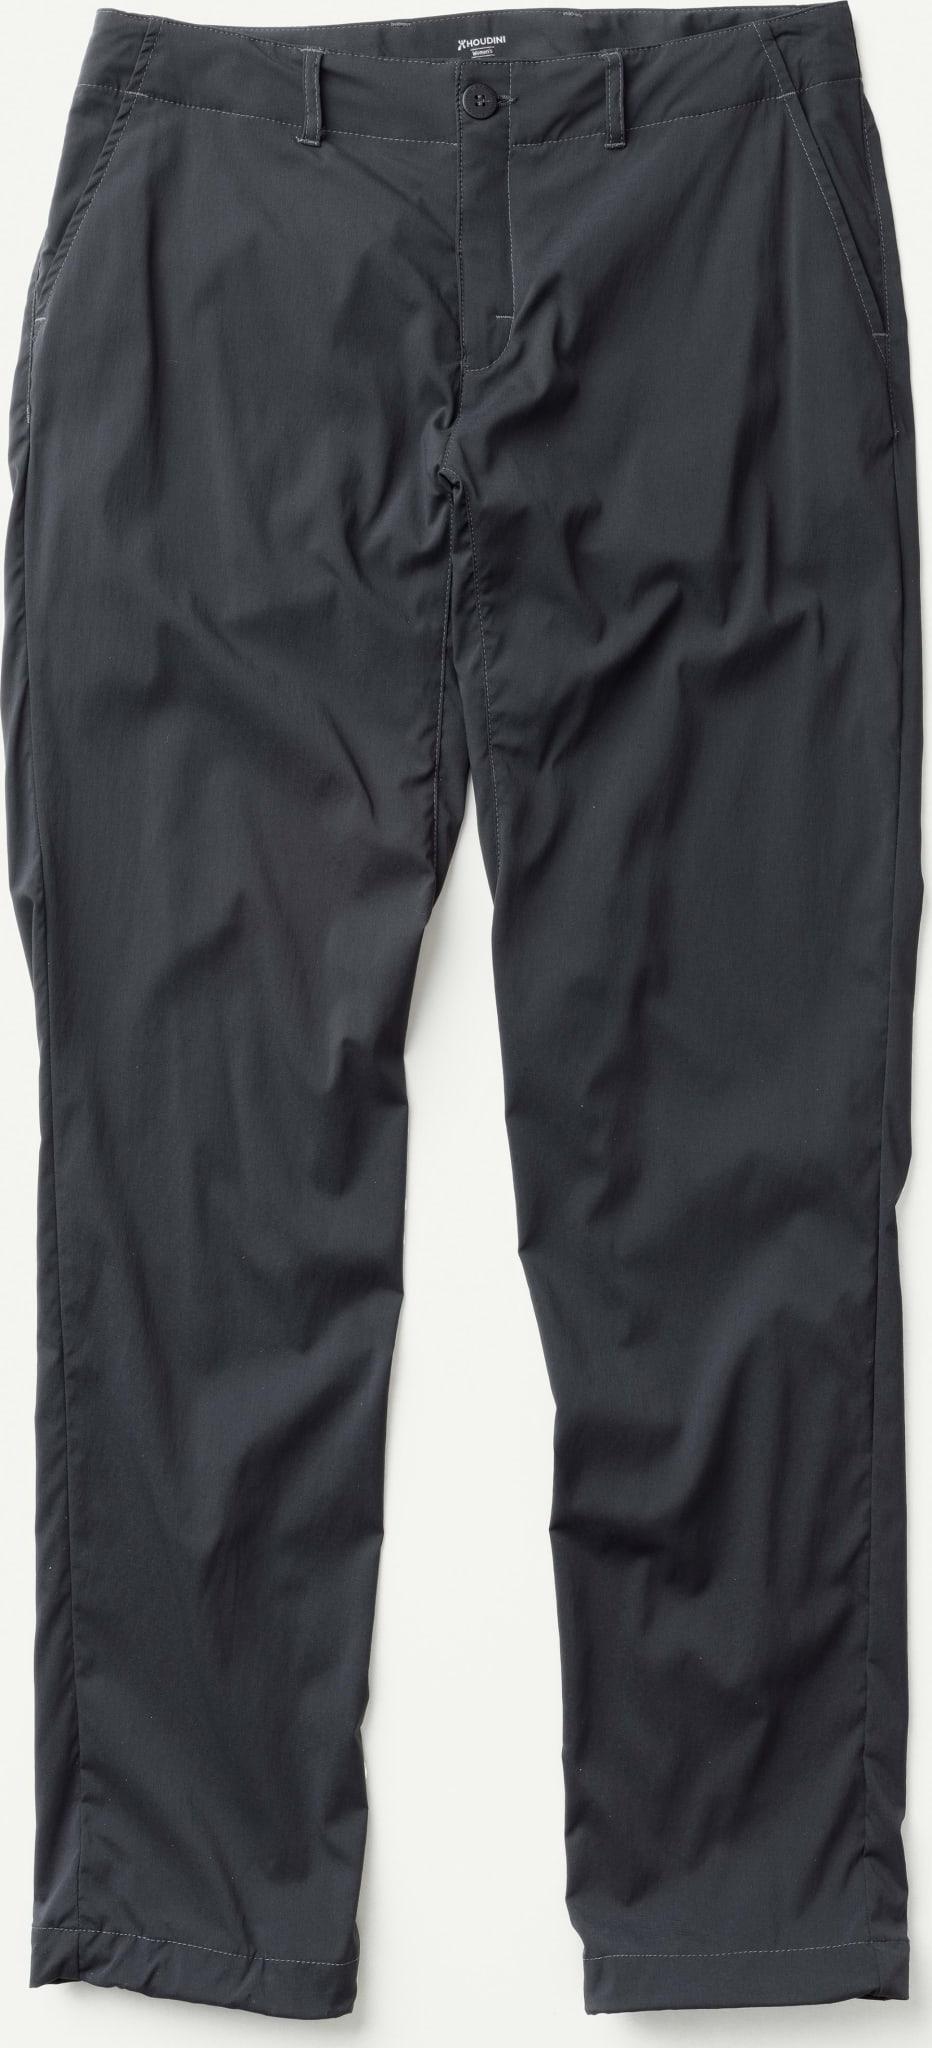 Lett og luftig bukse til varmt vær